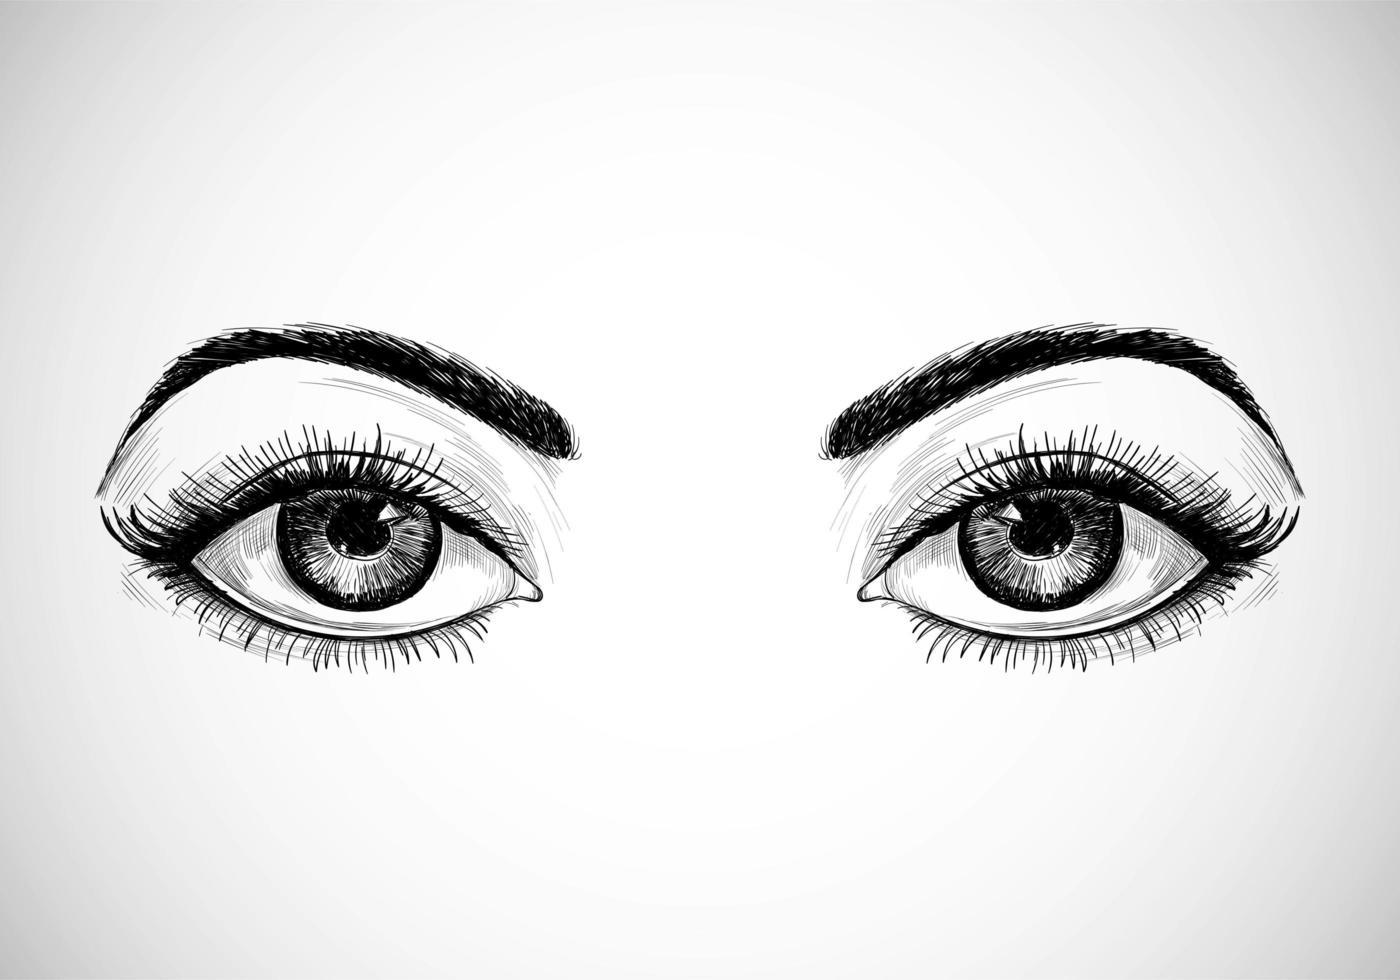 handgezeichnete skizzierte Augen vektor